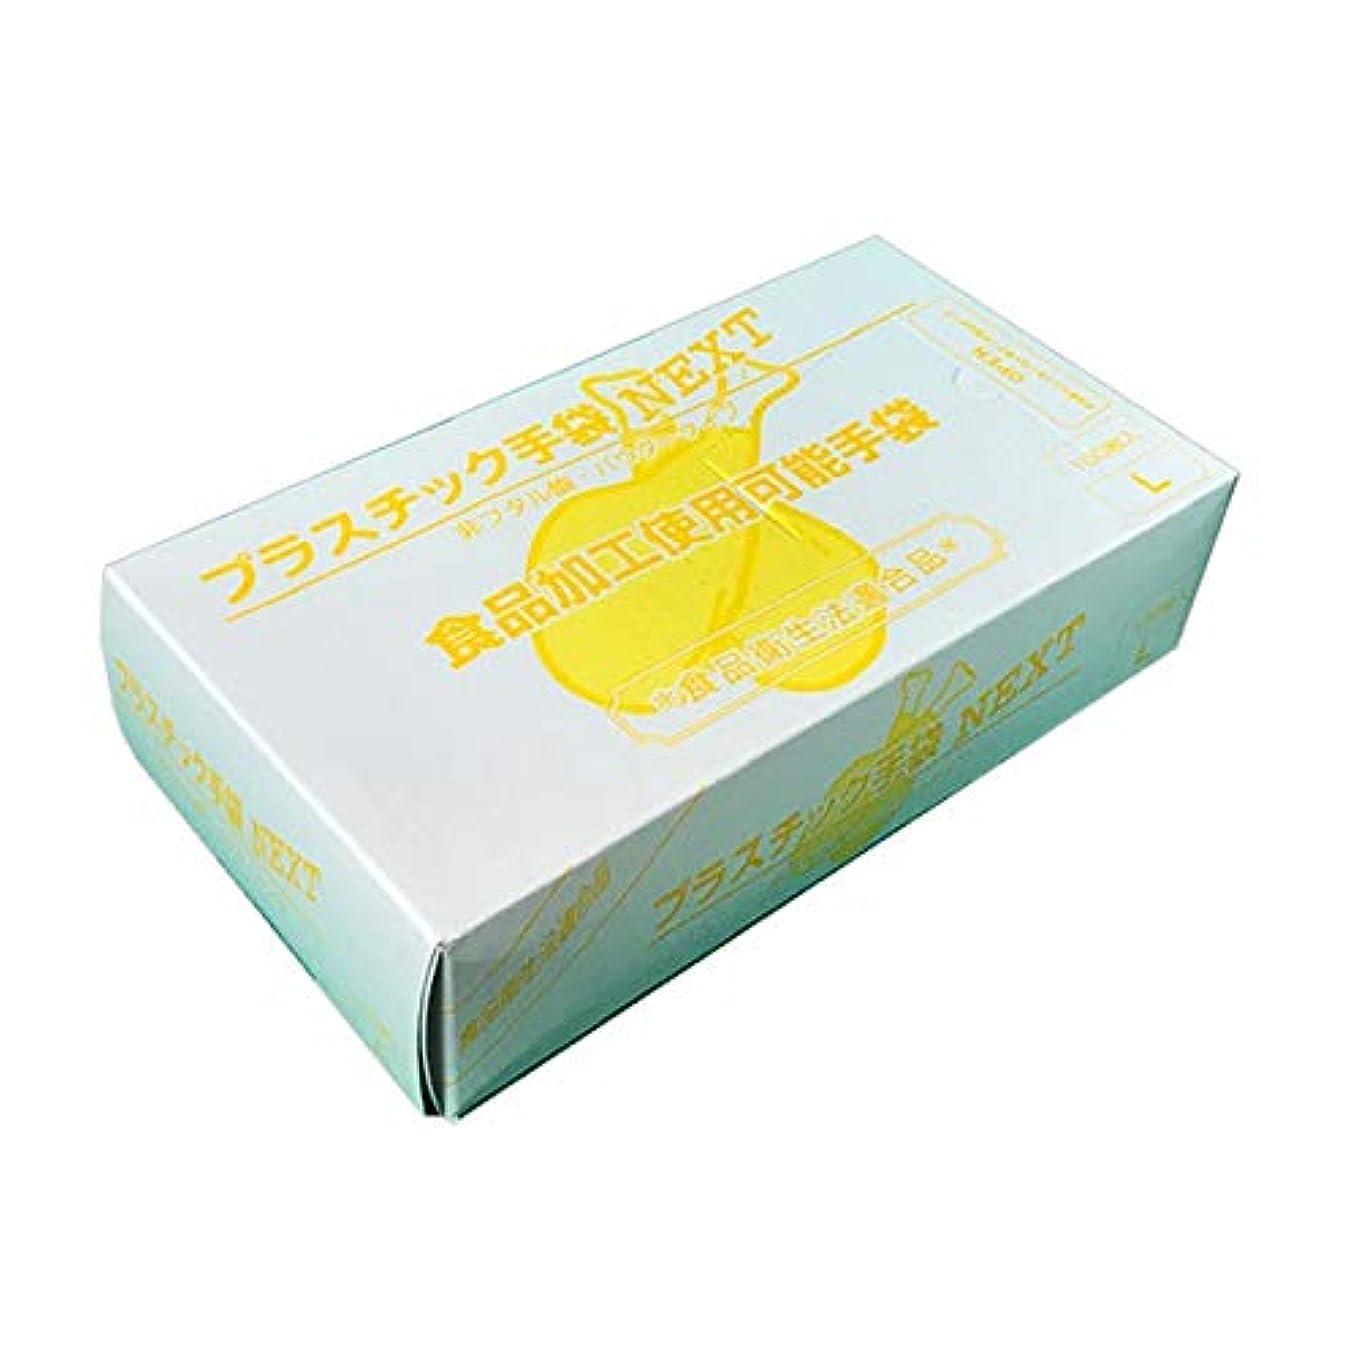 編集する強度暗殺者使い捨て手袋エブノ PVCディスポ手袋 NEXT 粉付 白 100枚X20箱 (Lサイズ)